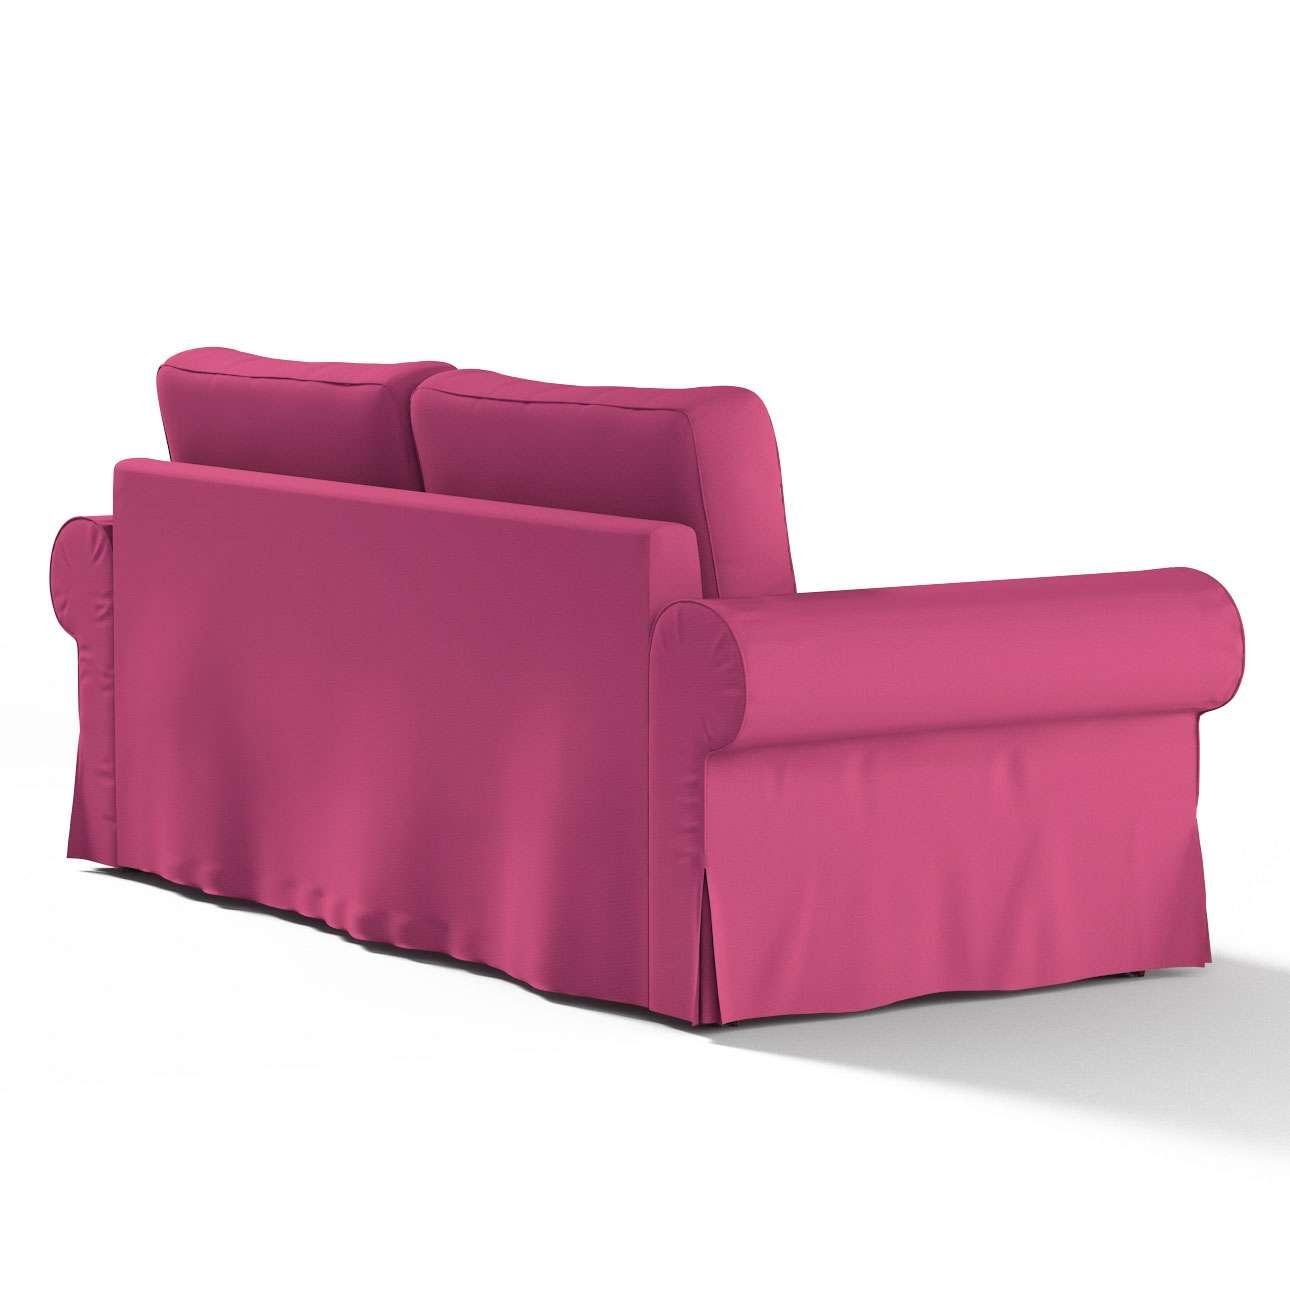 Backabro 3-Sitzer Sofabezug ausklappbar von der Kollektion Etna, Stoff: 705-23